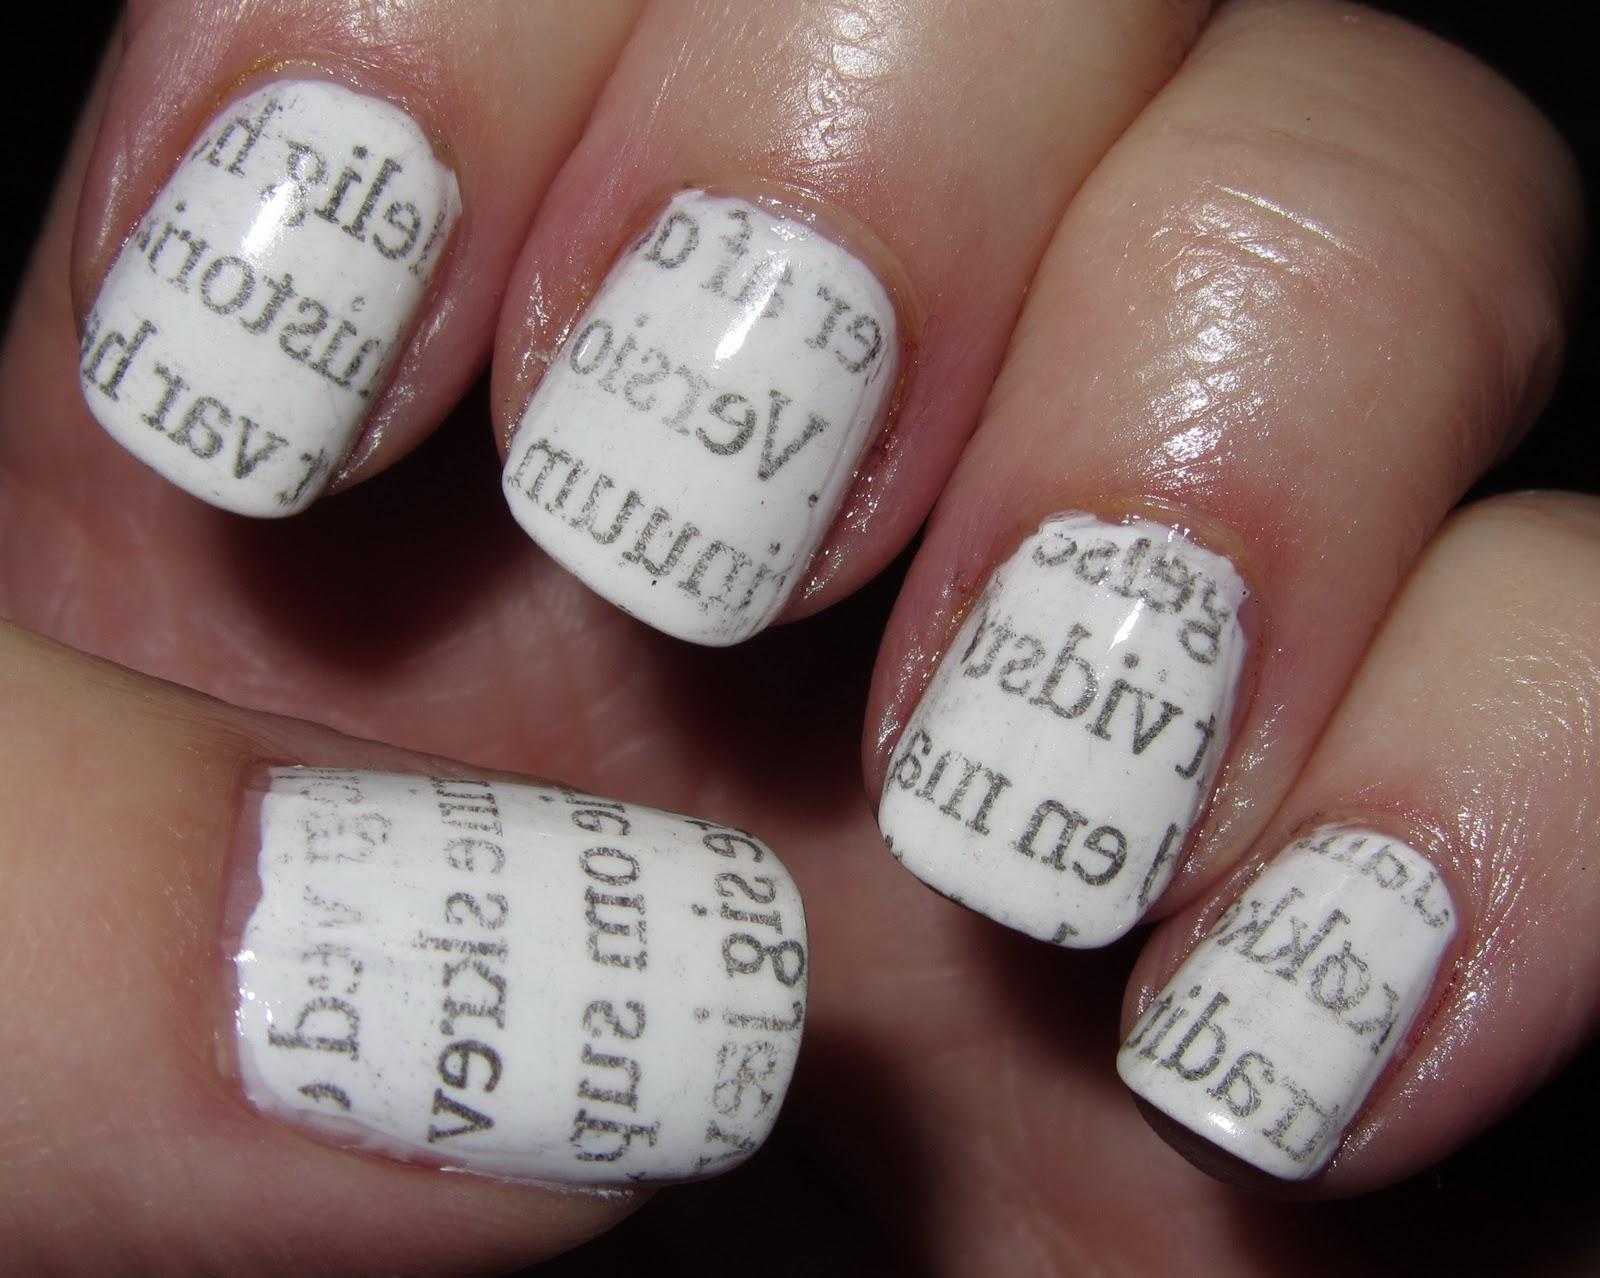 Marias Nail Art and Polish Blog: Newspaper nails – avis ...